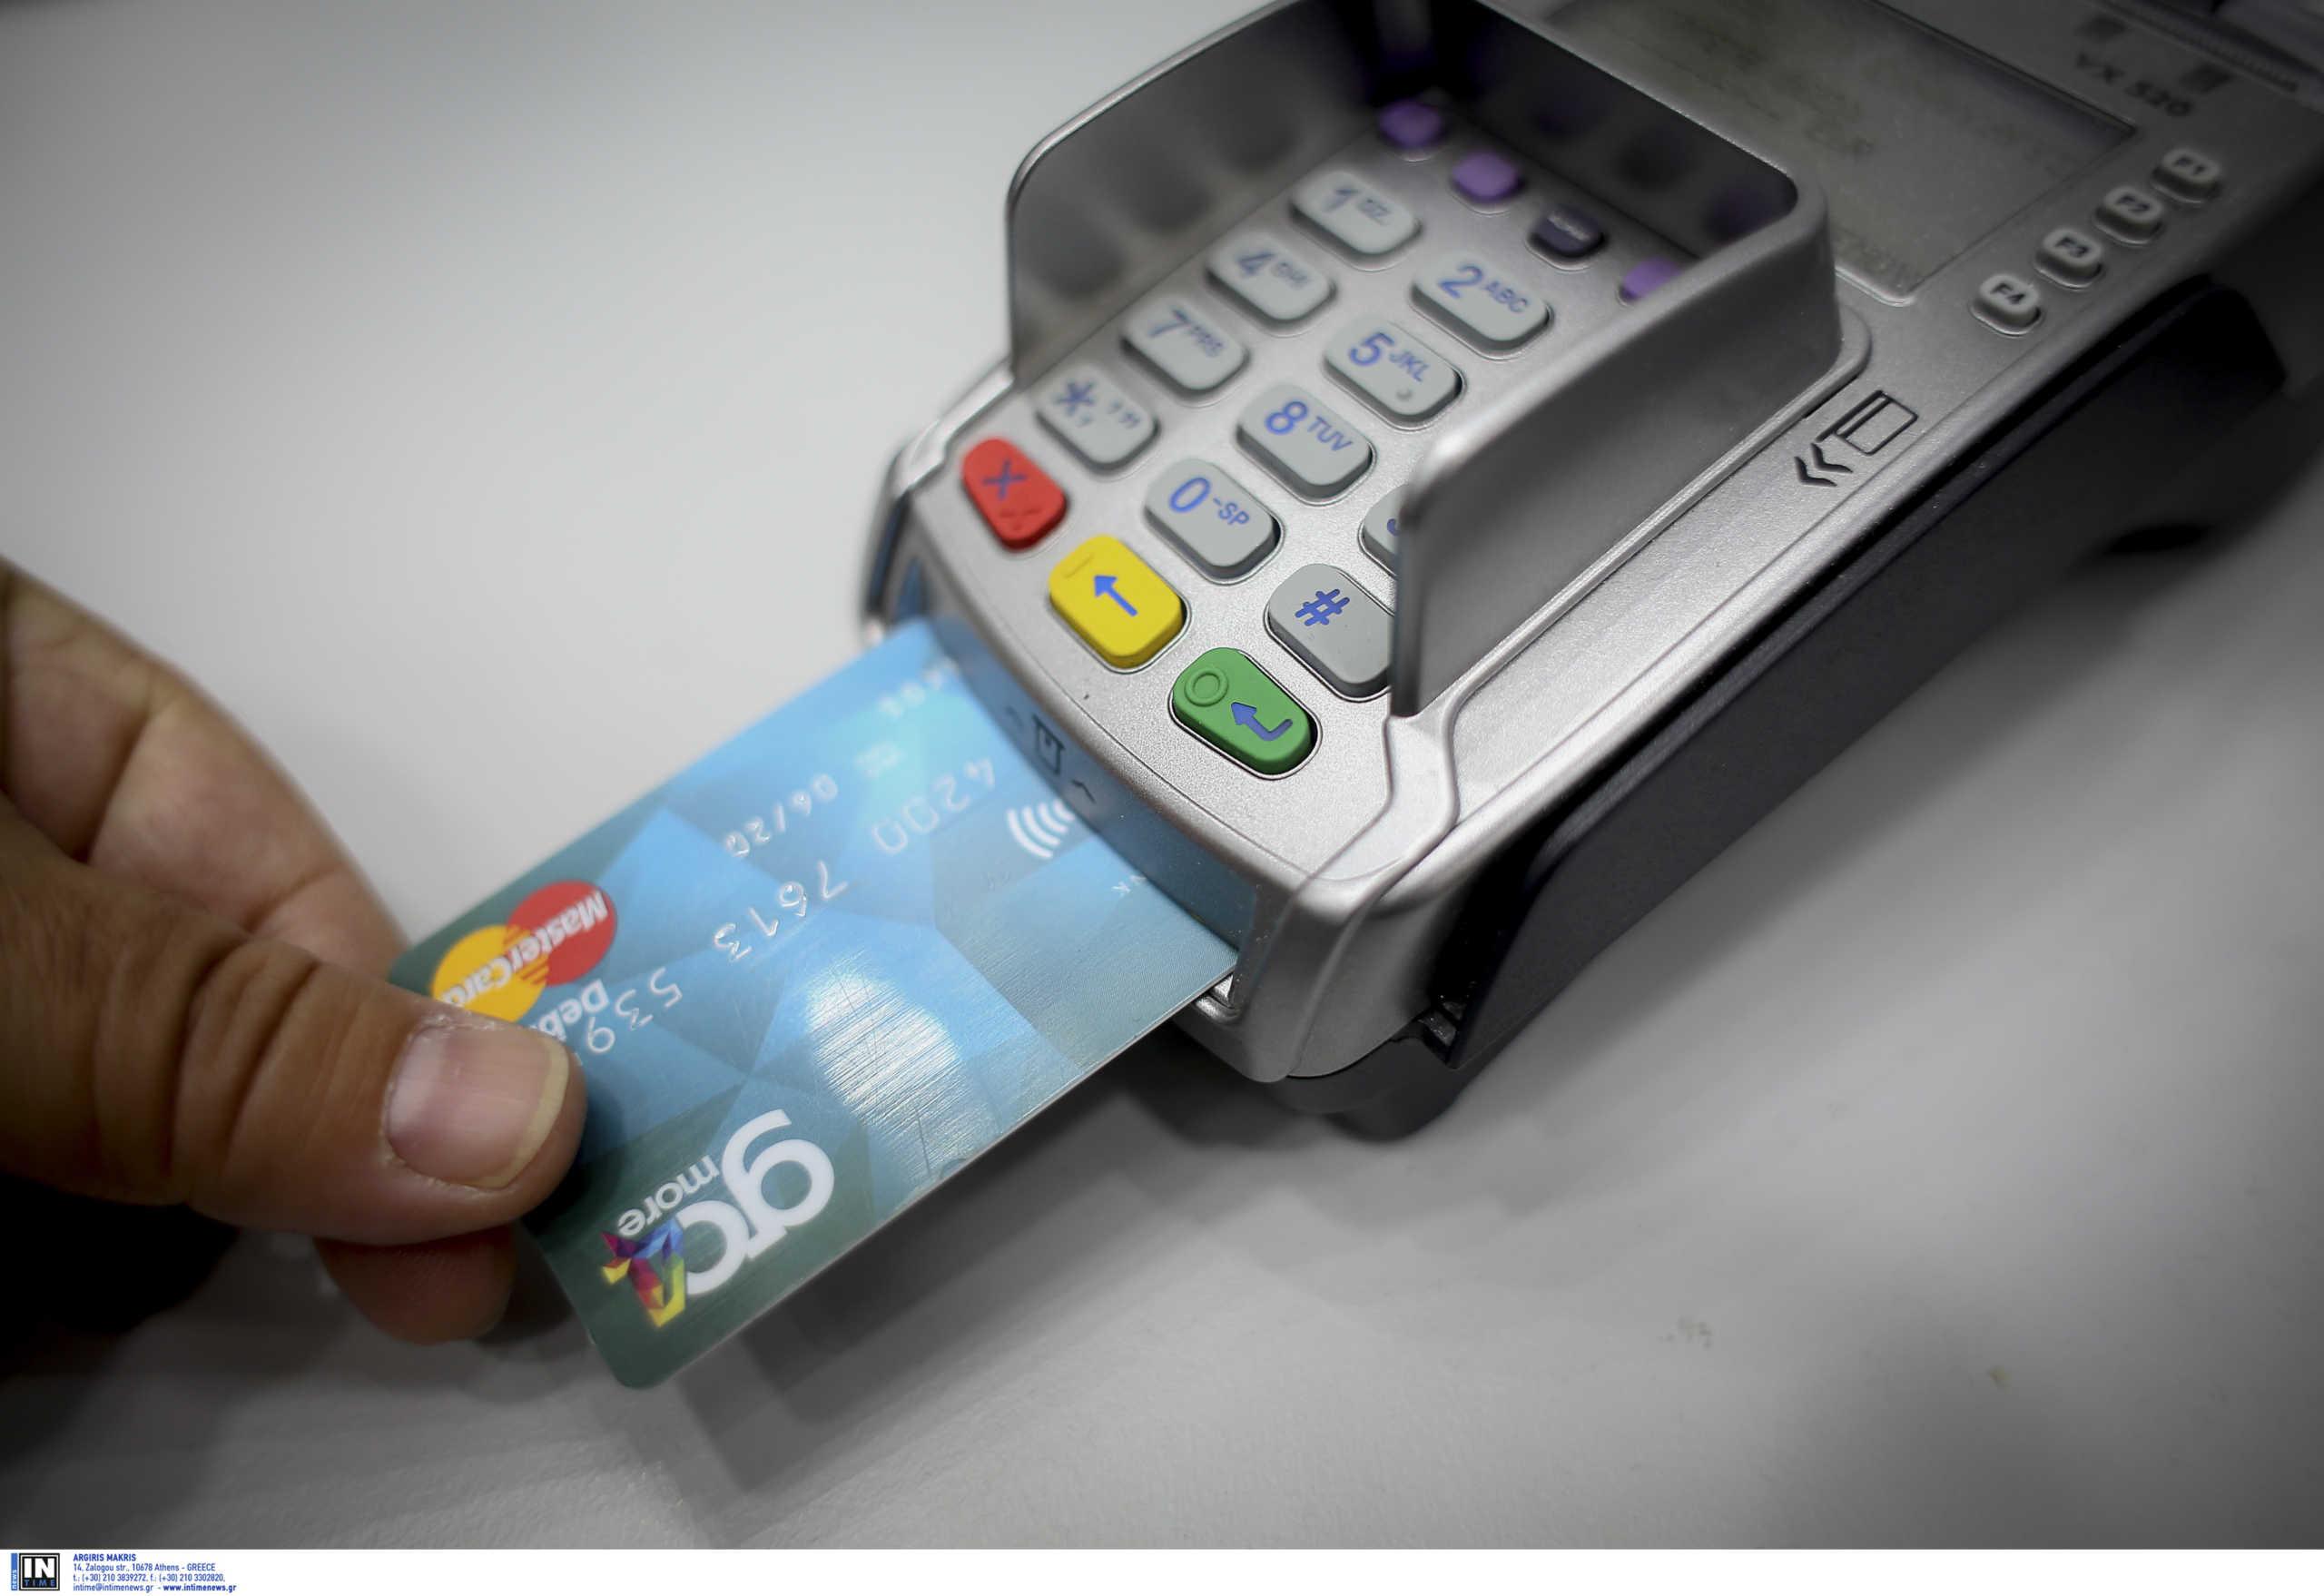 ΙΟΒΕ: Η χρήση καρτών ανέβασε κατά 17% την αύξηση των εσόδων από ΦΠΑ το 2019